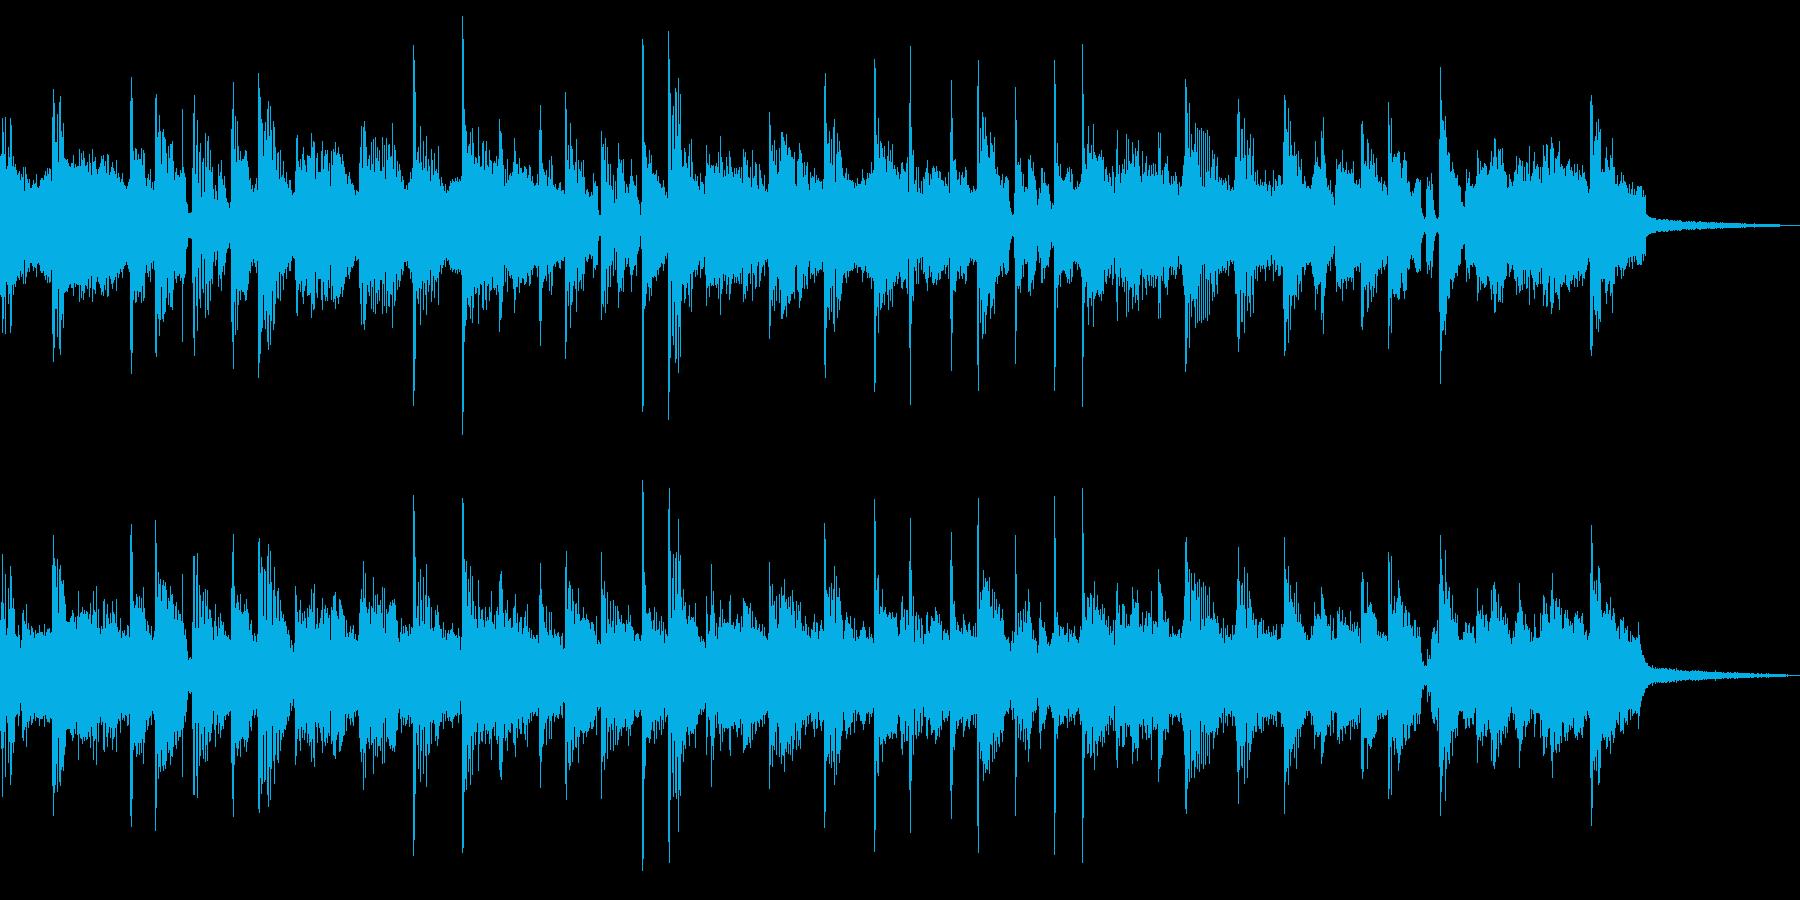 情熱なロックBGMの再生済みの波形